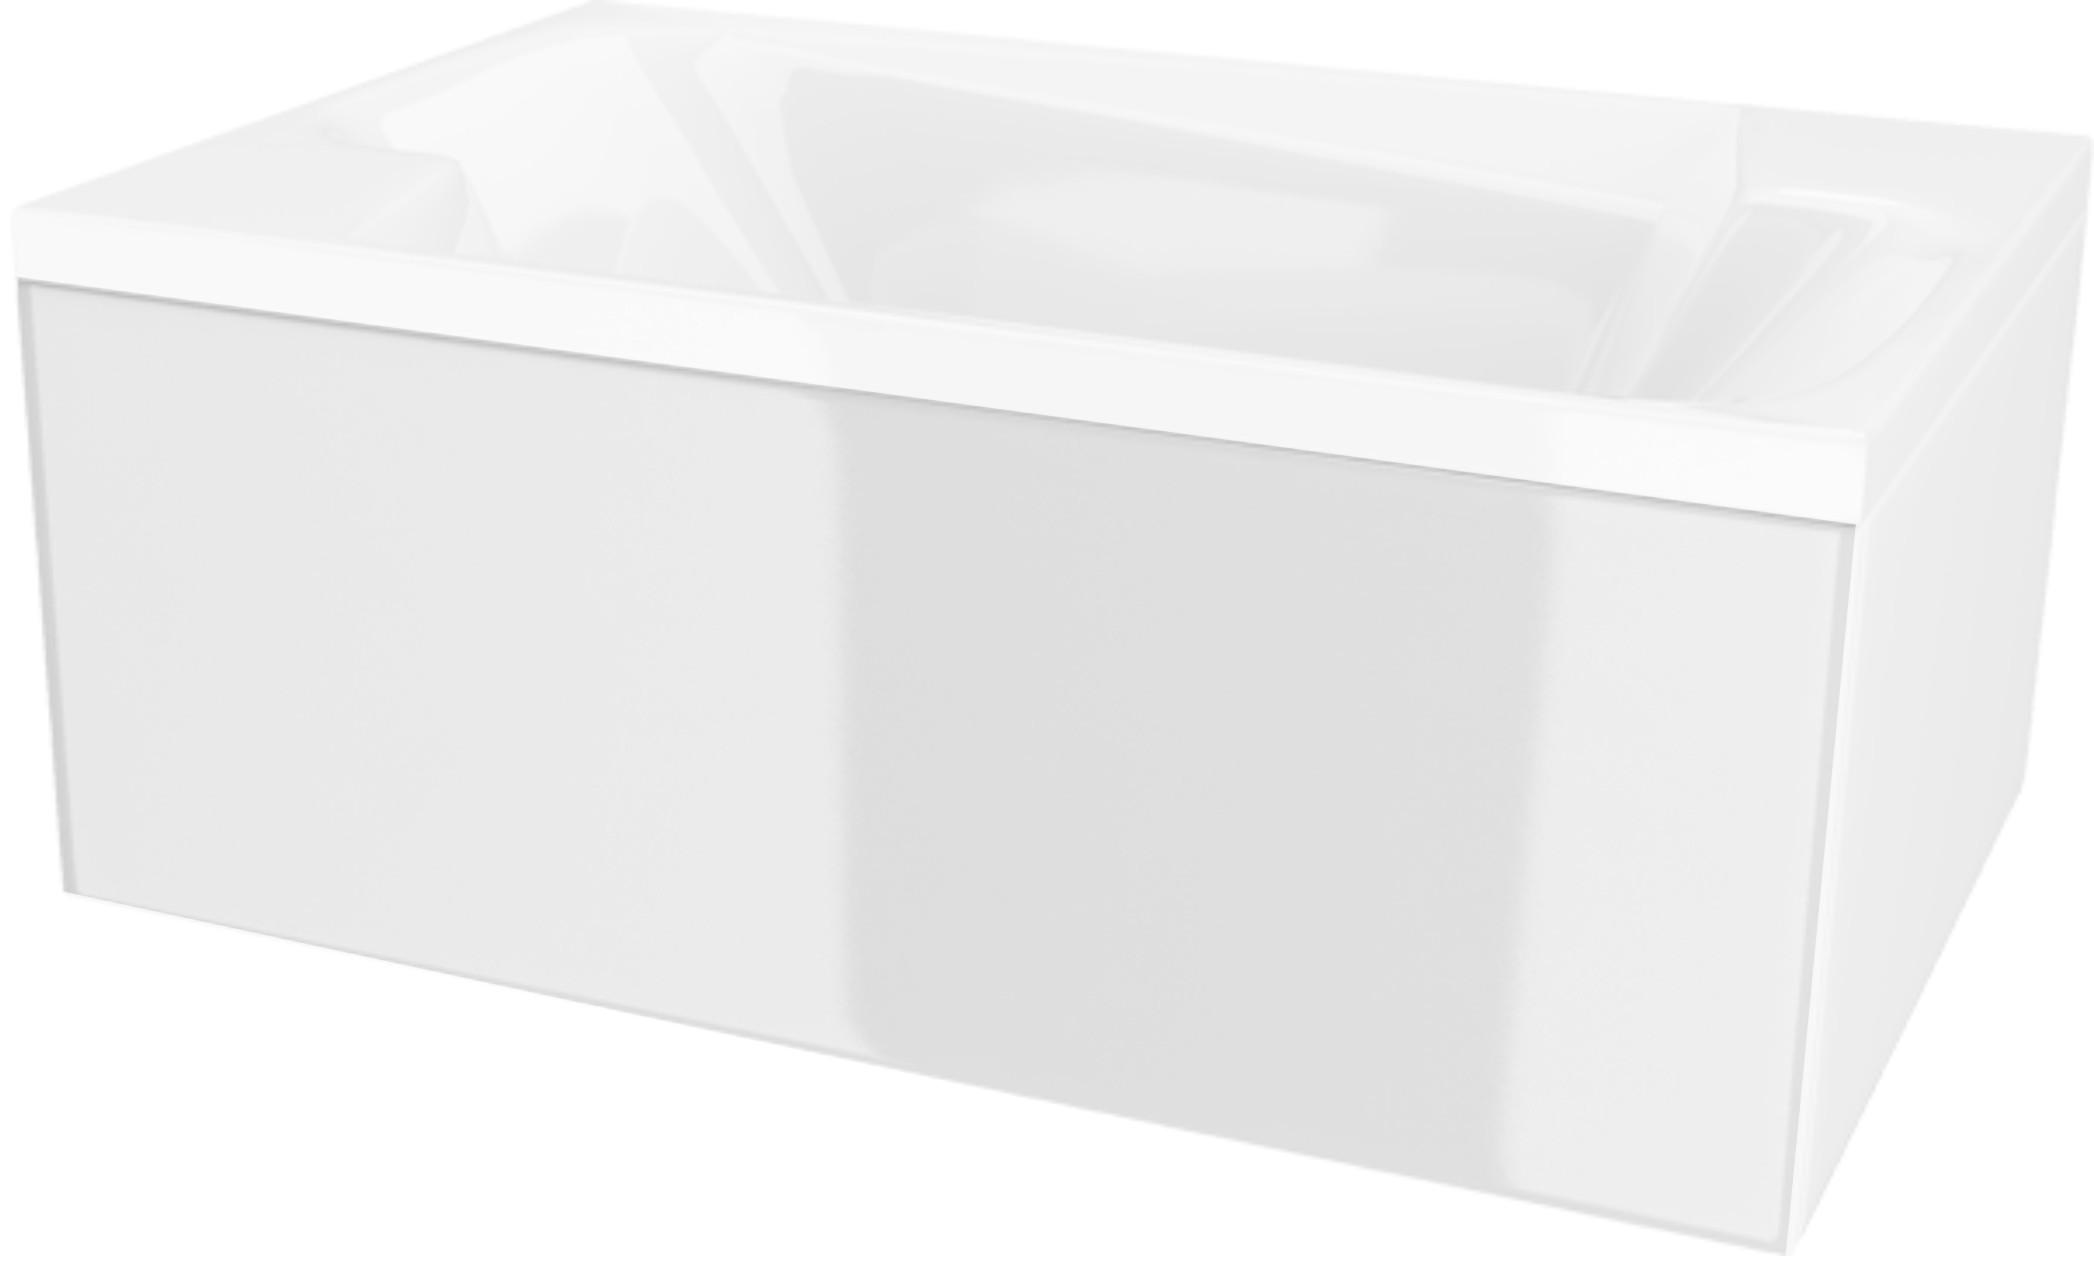 PADOVA II Hopa krycí čelní panel k vaně, skladem